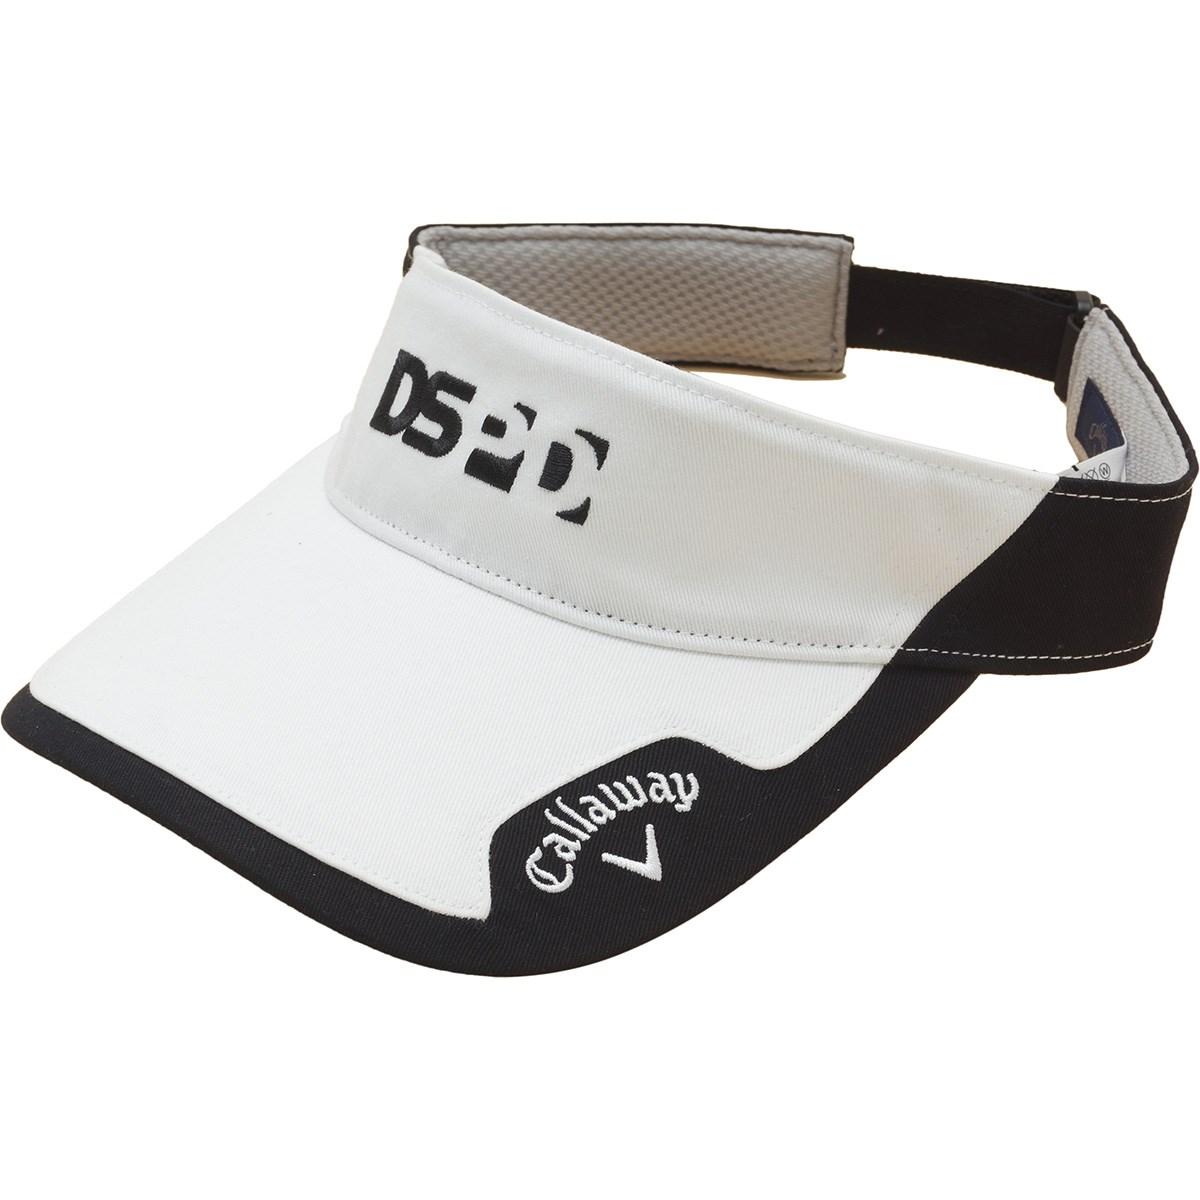 キャロウェイゴルフ(Callaway Golf) DSPD MOTIF サンバイザー